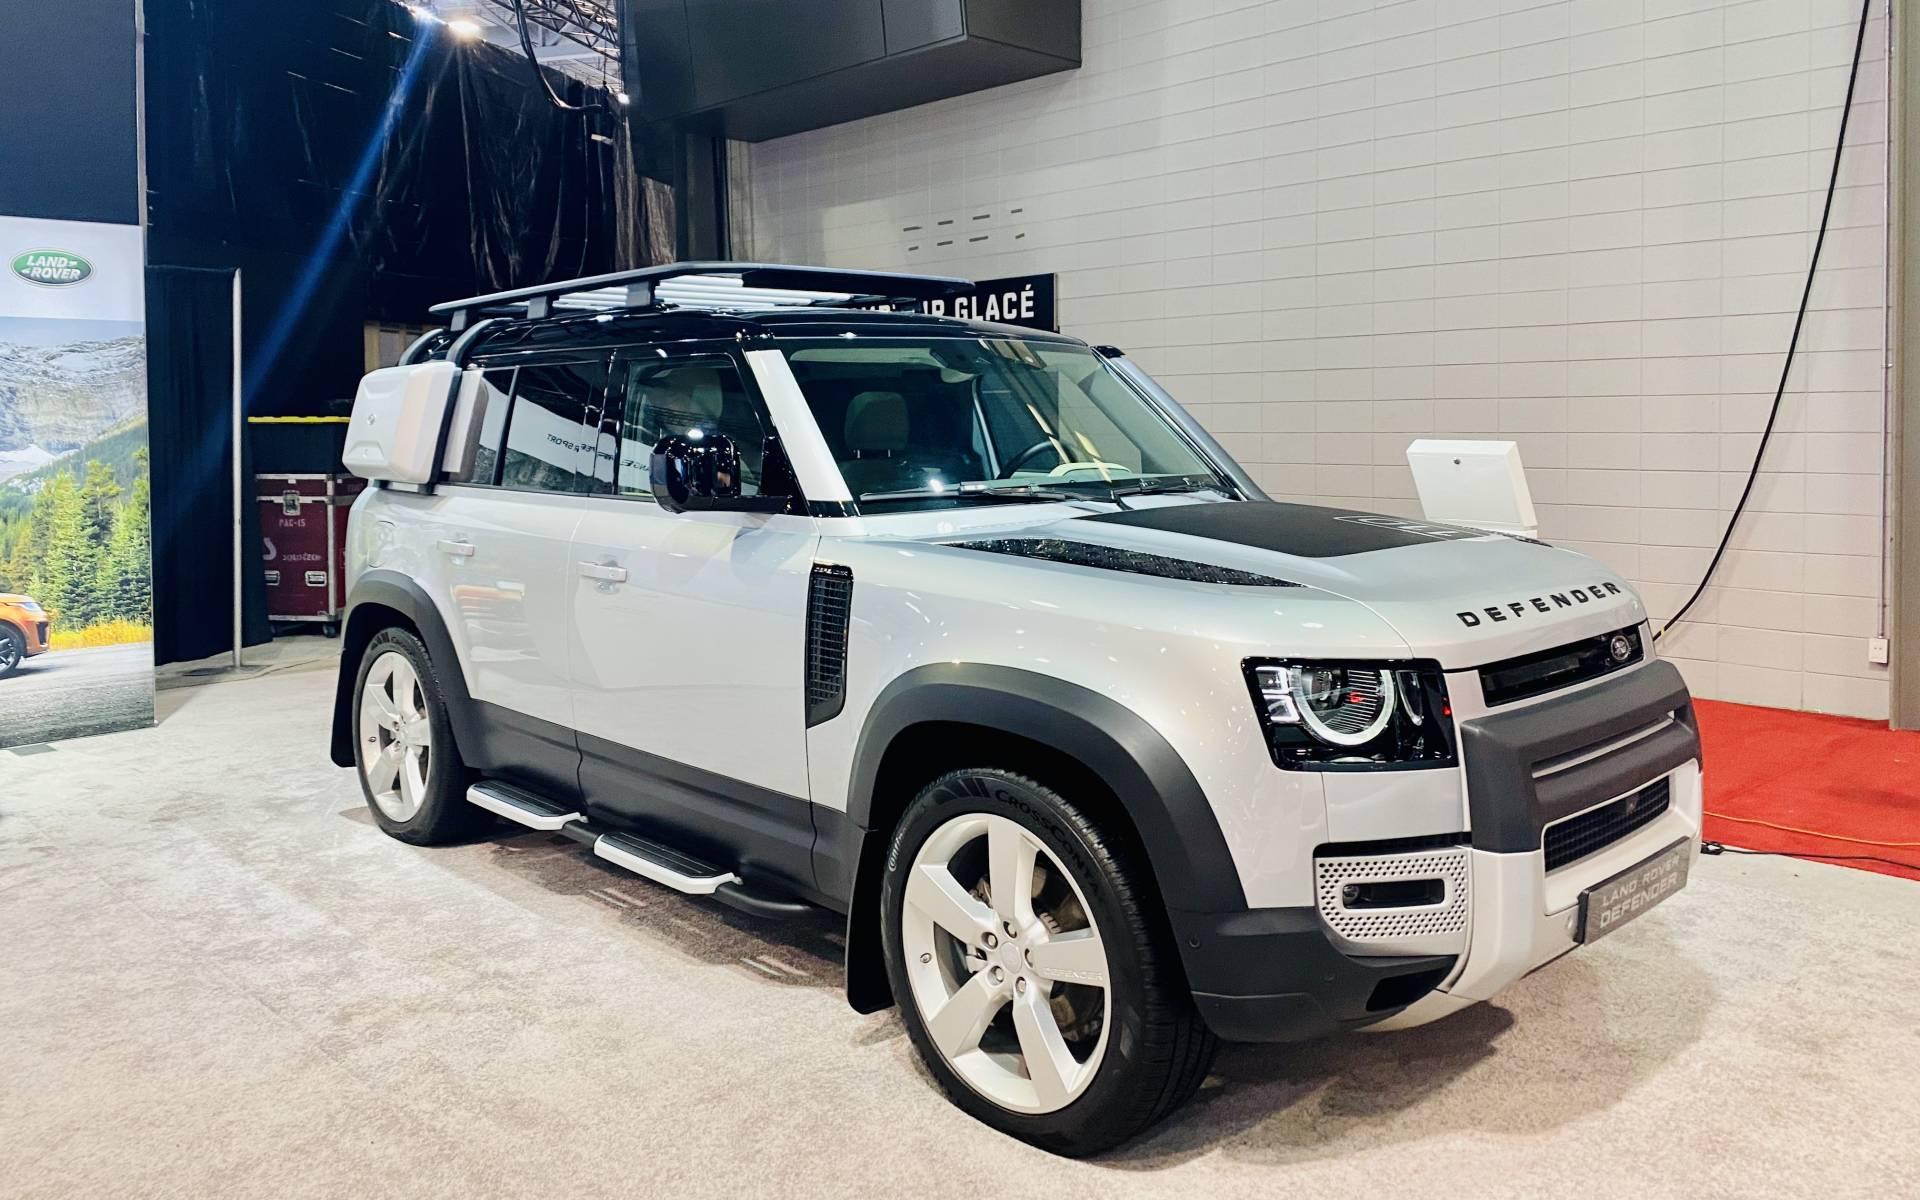 Salon Rouge Blanc Noir salon de l'auto de québec 2020 : le land rover defender à